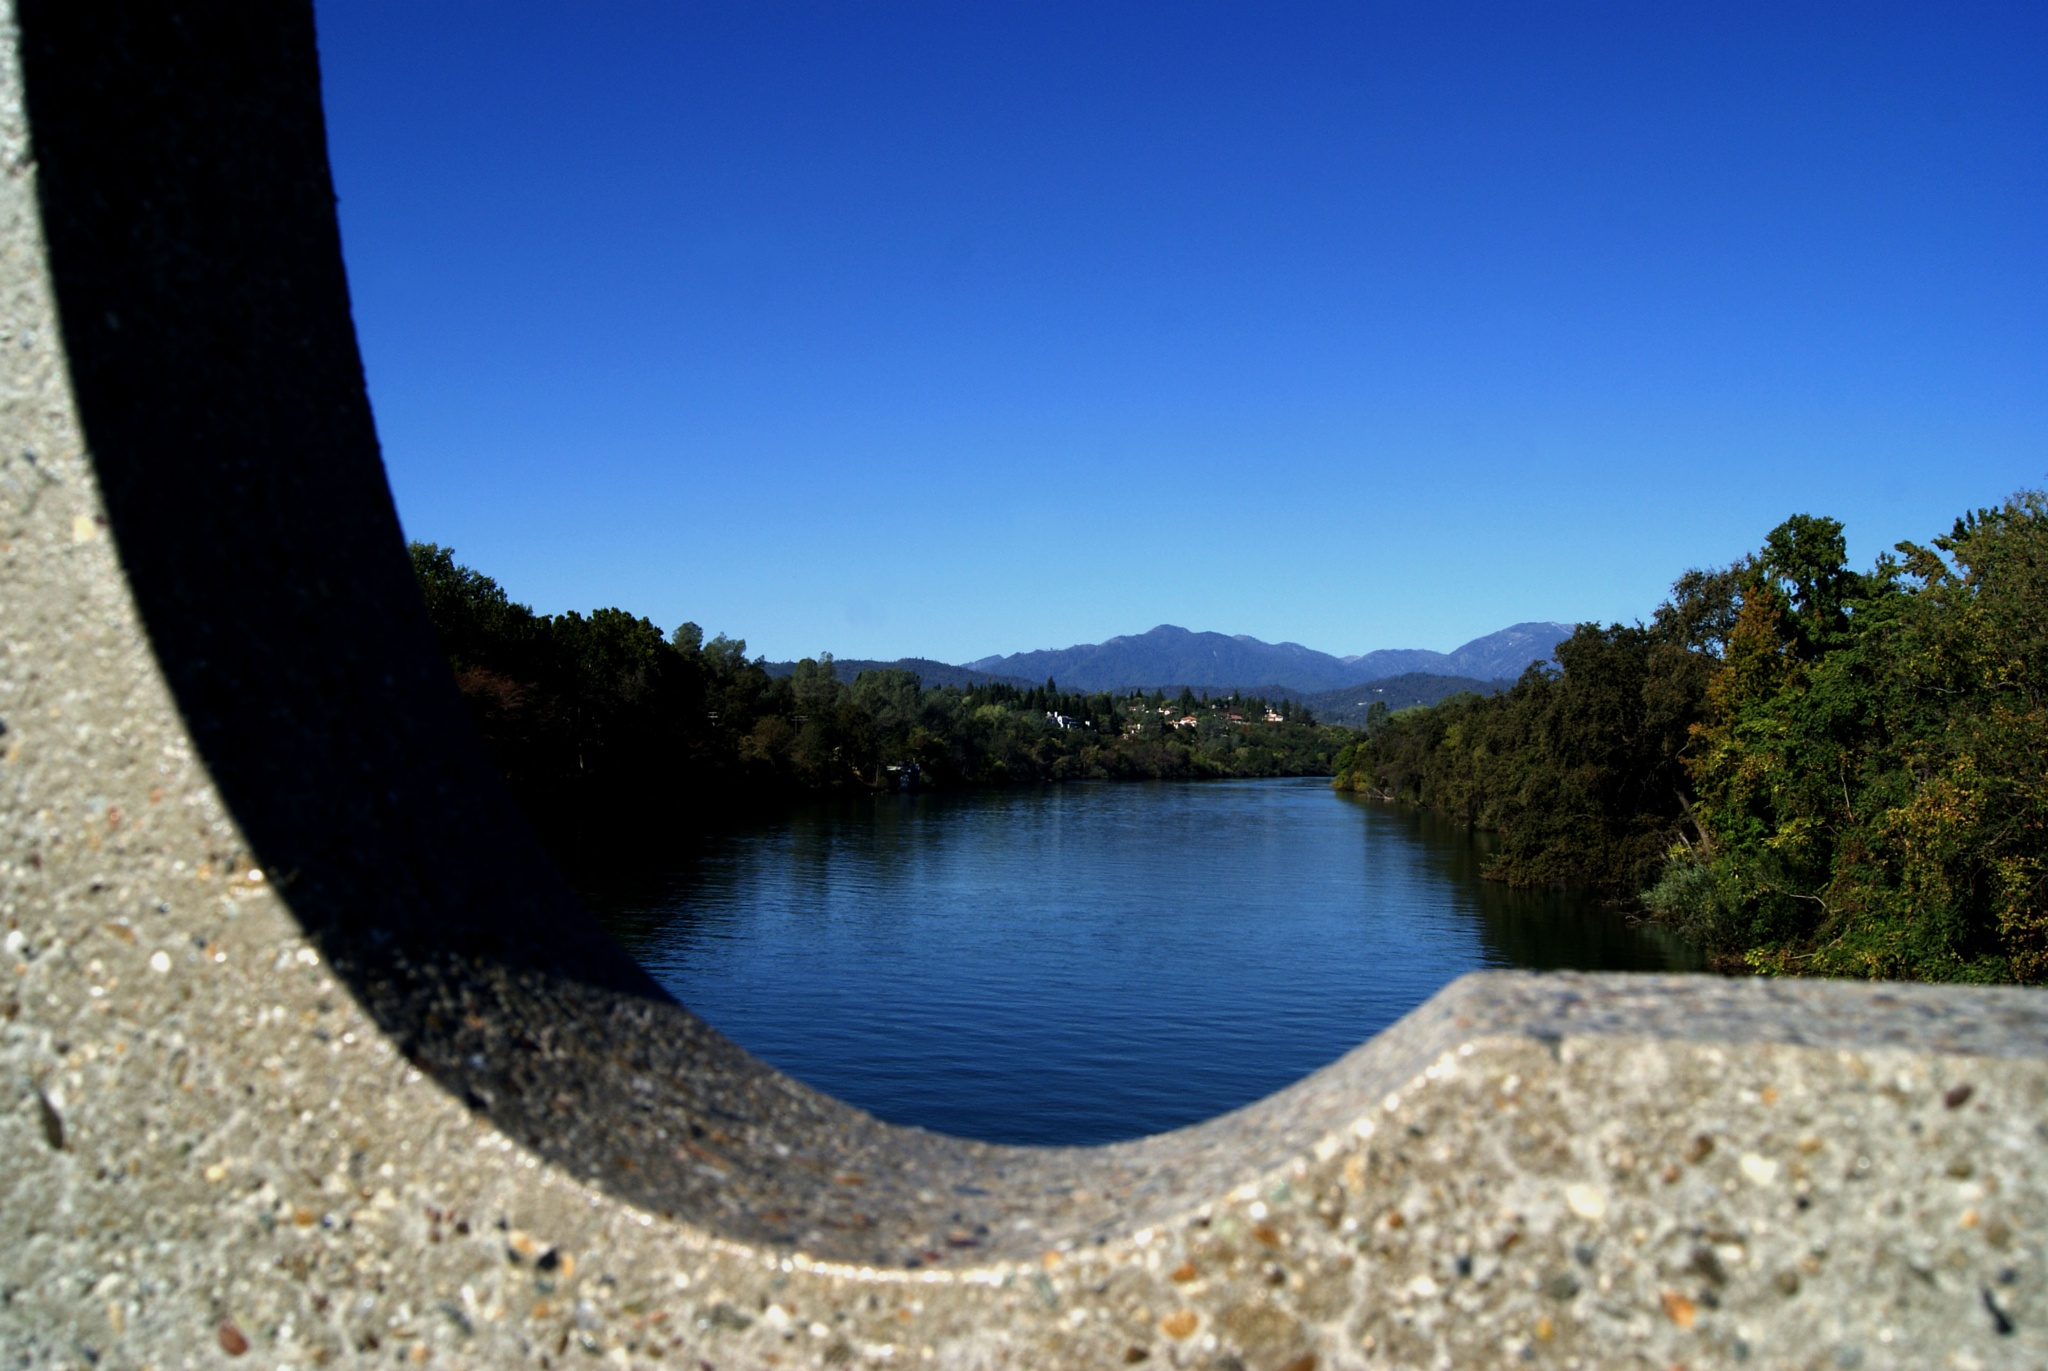 Sacramento River by cloghry